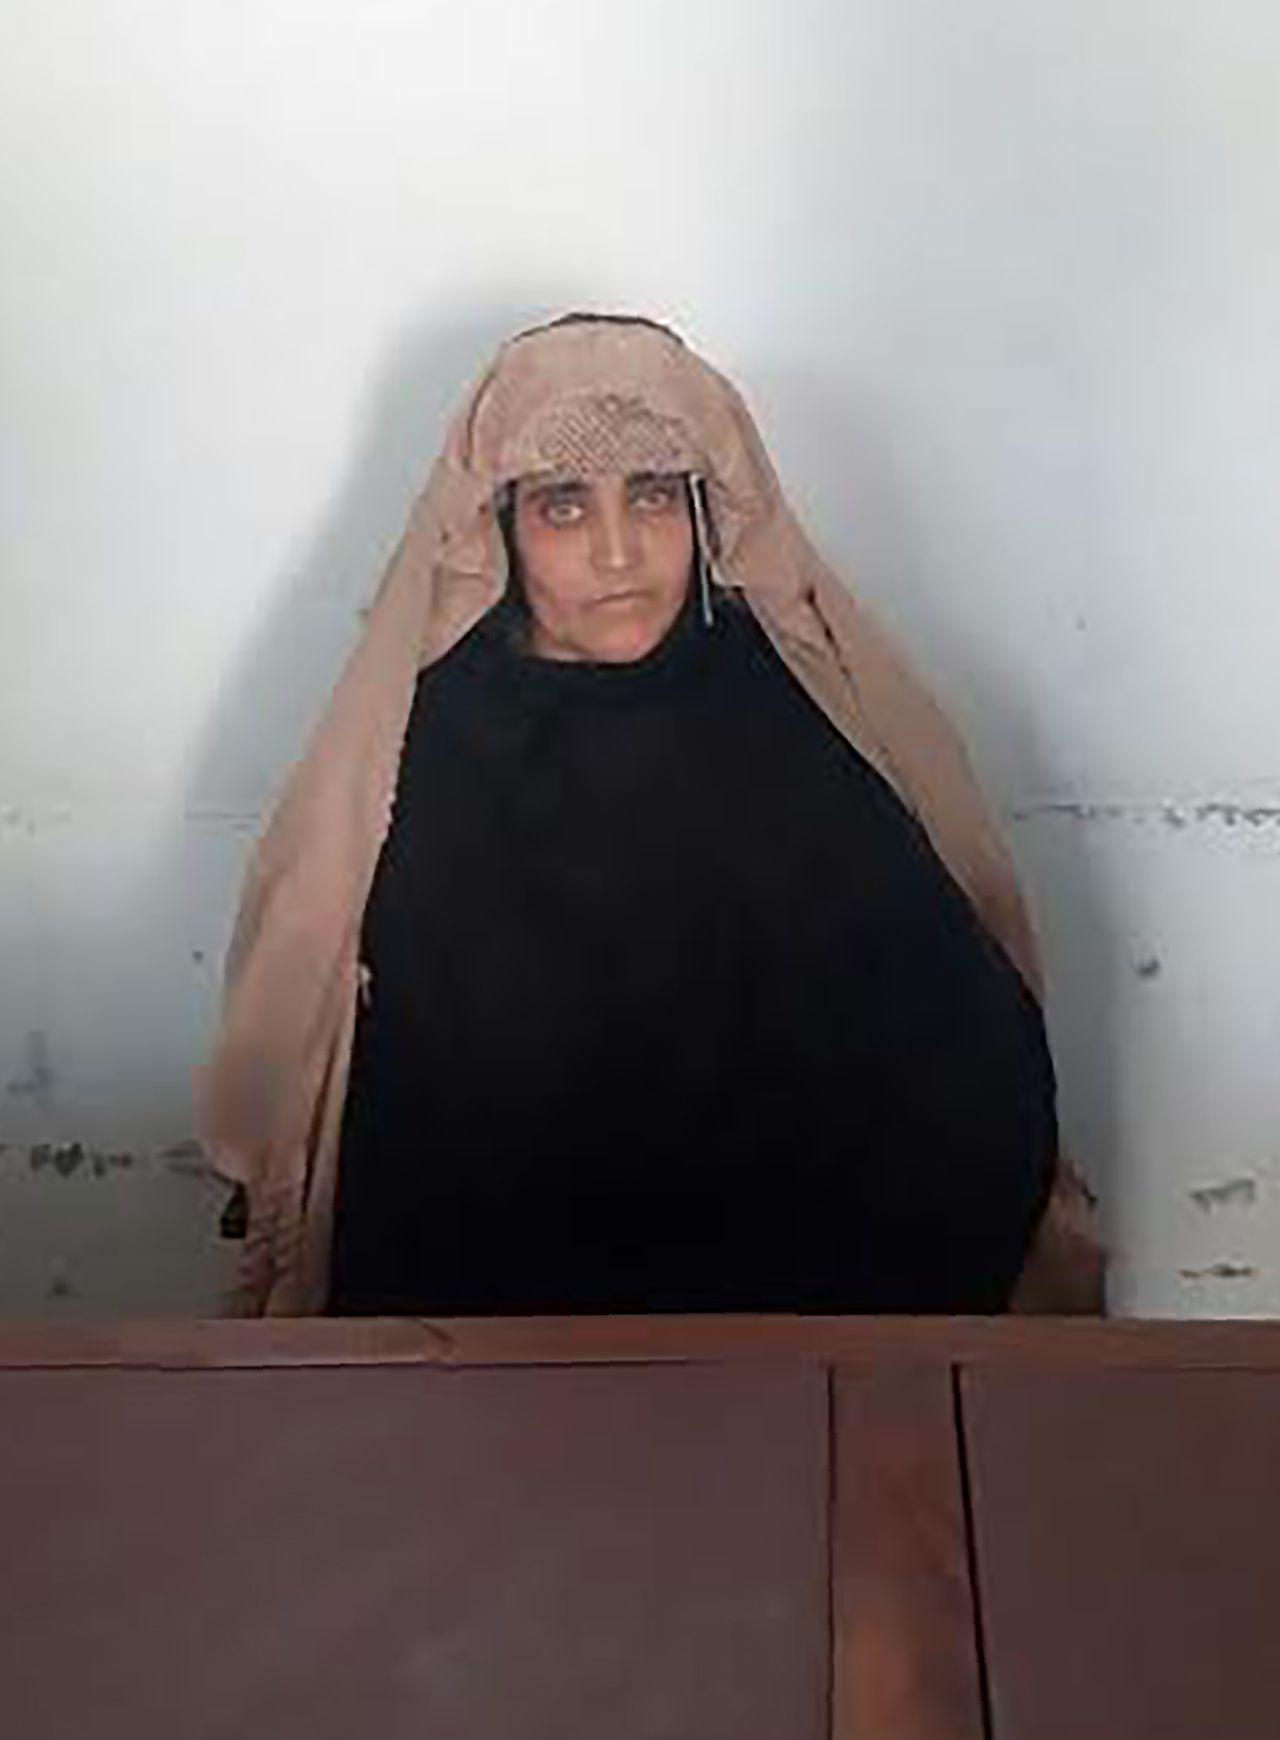 Sharbat Gula, wachtend op haar rechtszaak. De foto woensdag vrijgegeven door de Afghaanse autoriteiten.